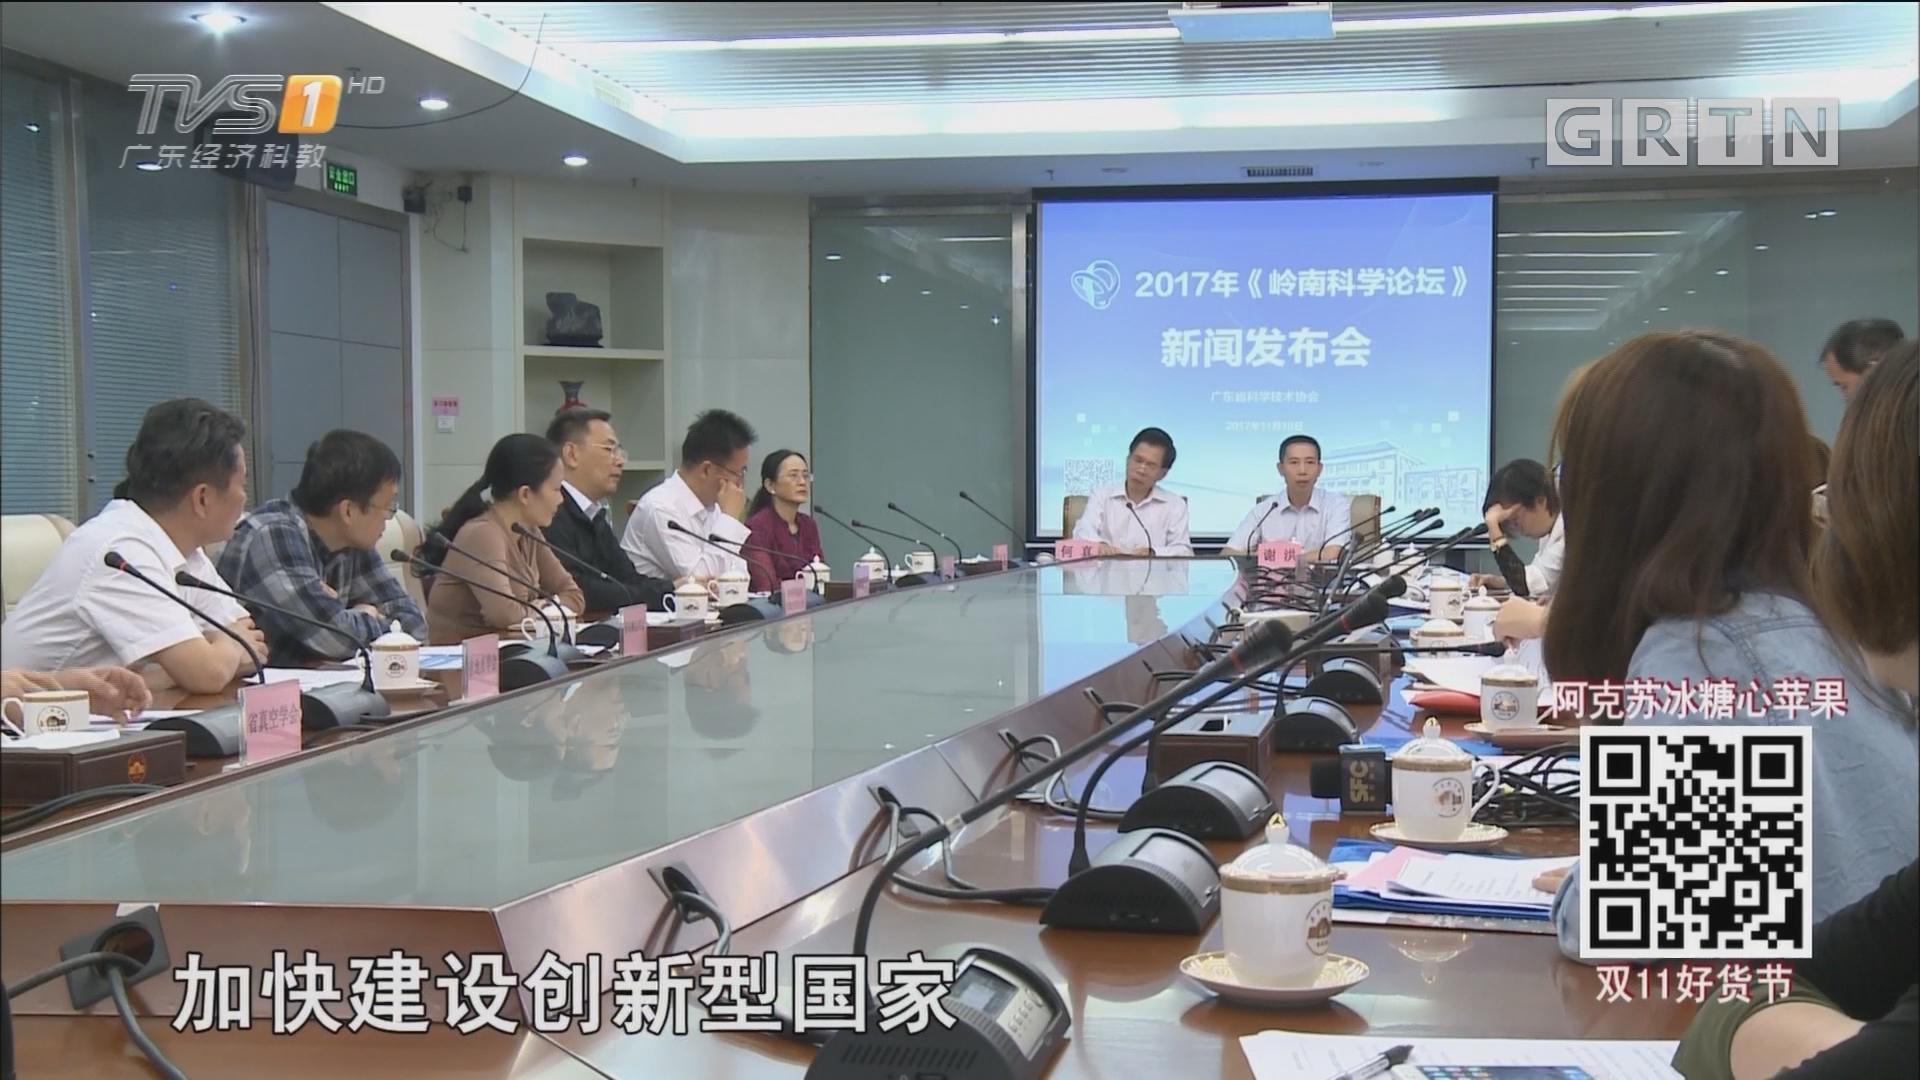 广东:岭南科学论坛 即将盛大开讲